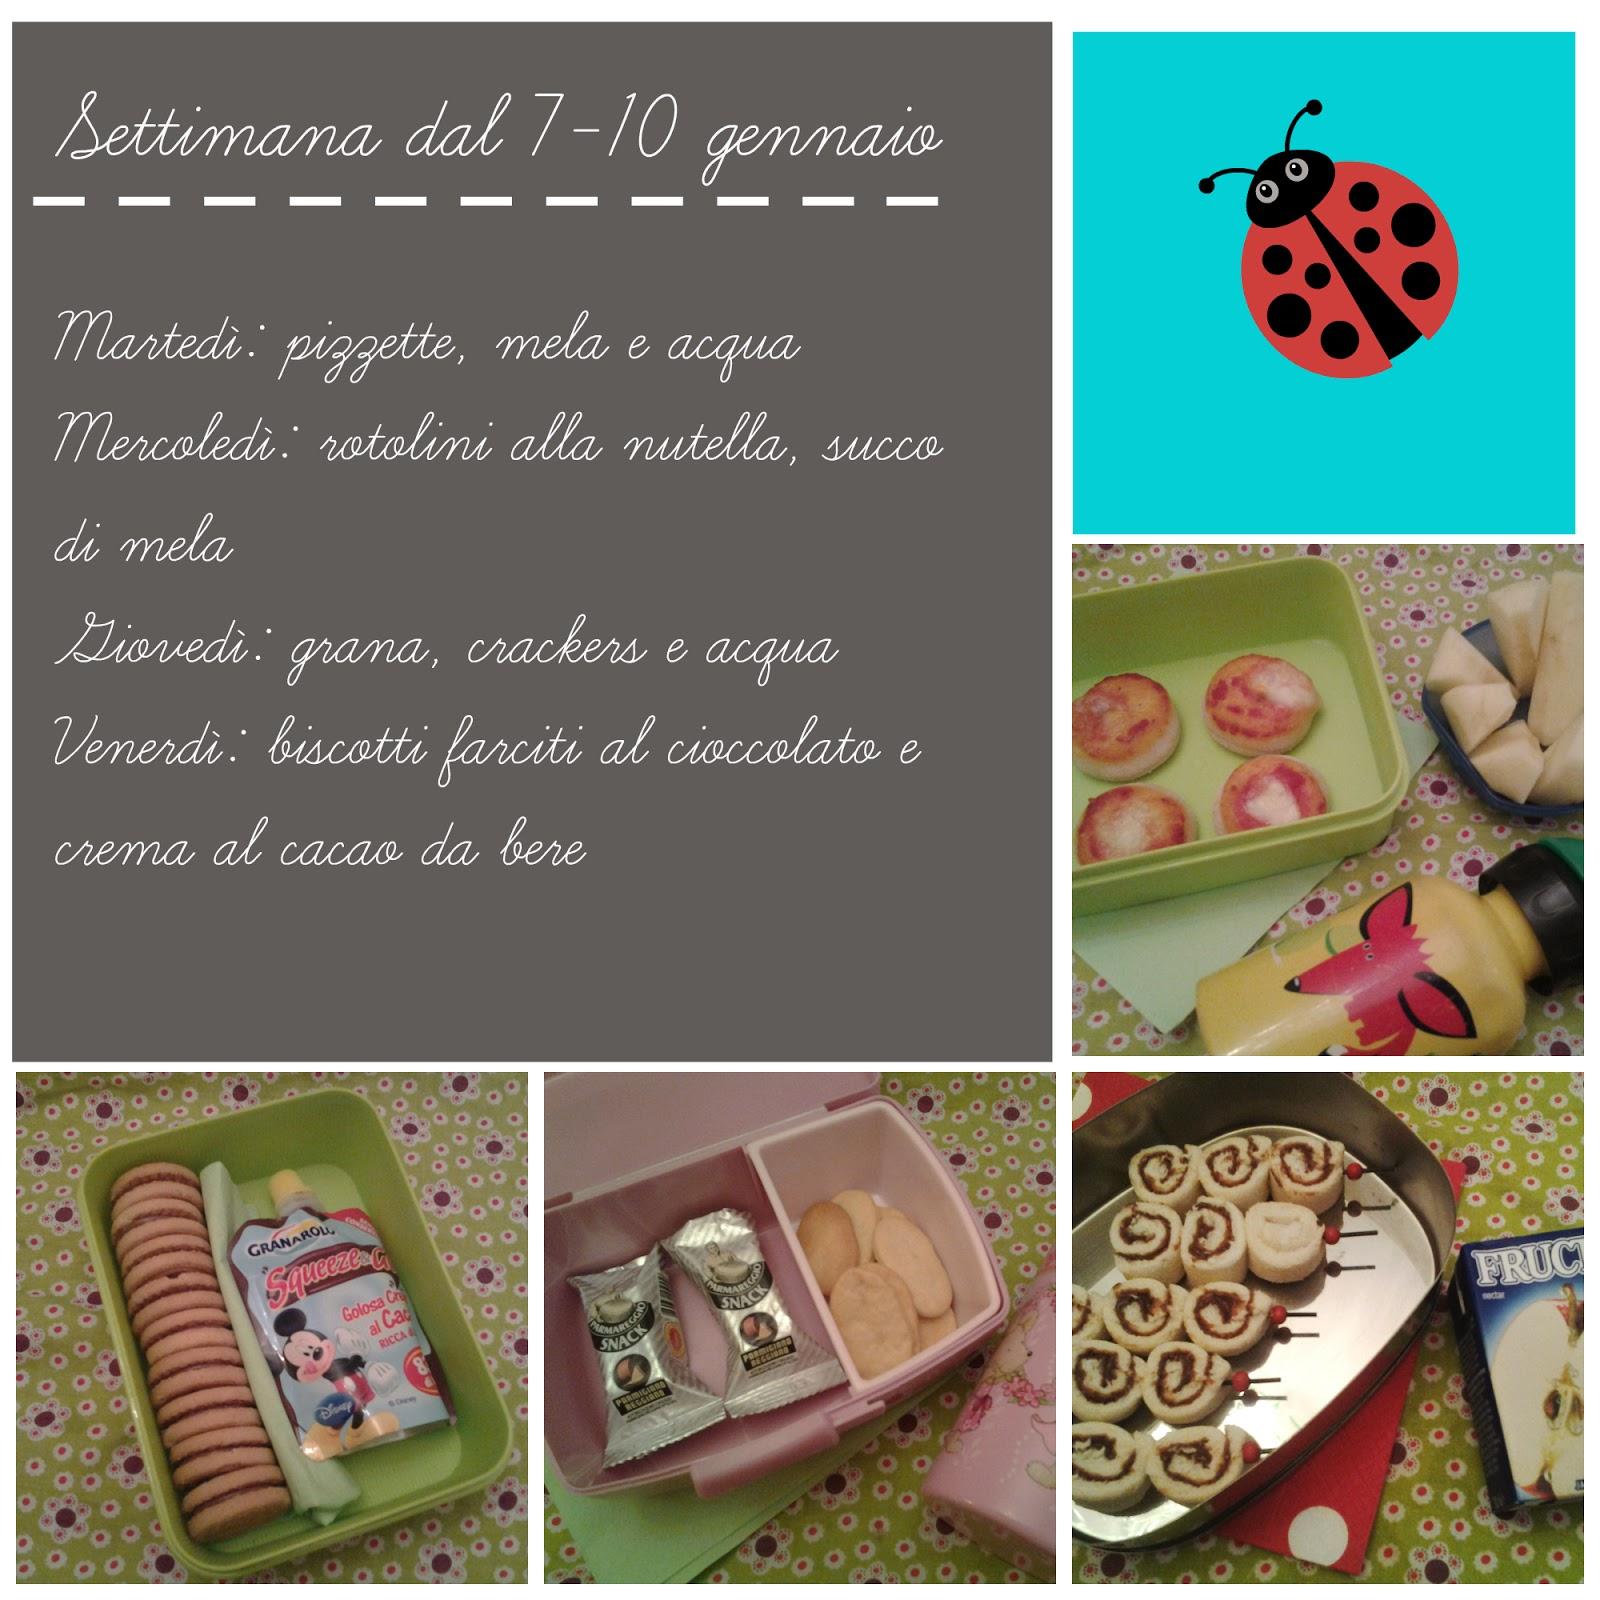 http://www.colazionialetto.com/2014/01/lemerendedicamilla-settimana-dal-7-10.html